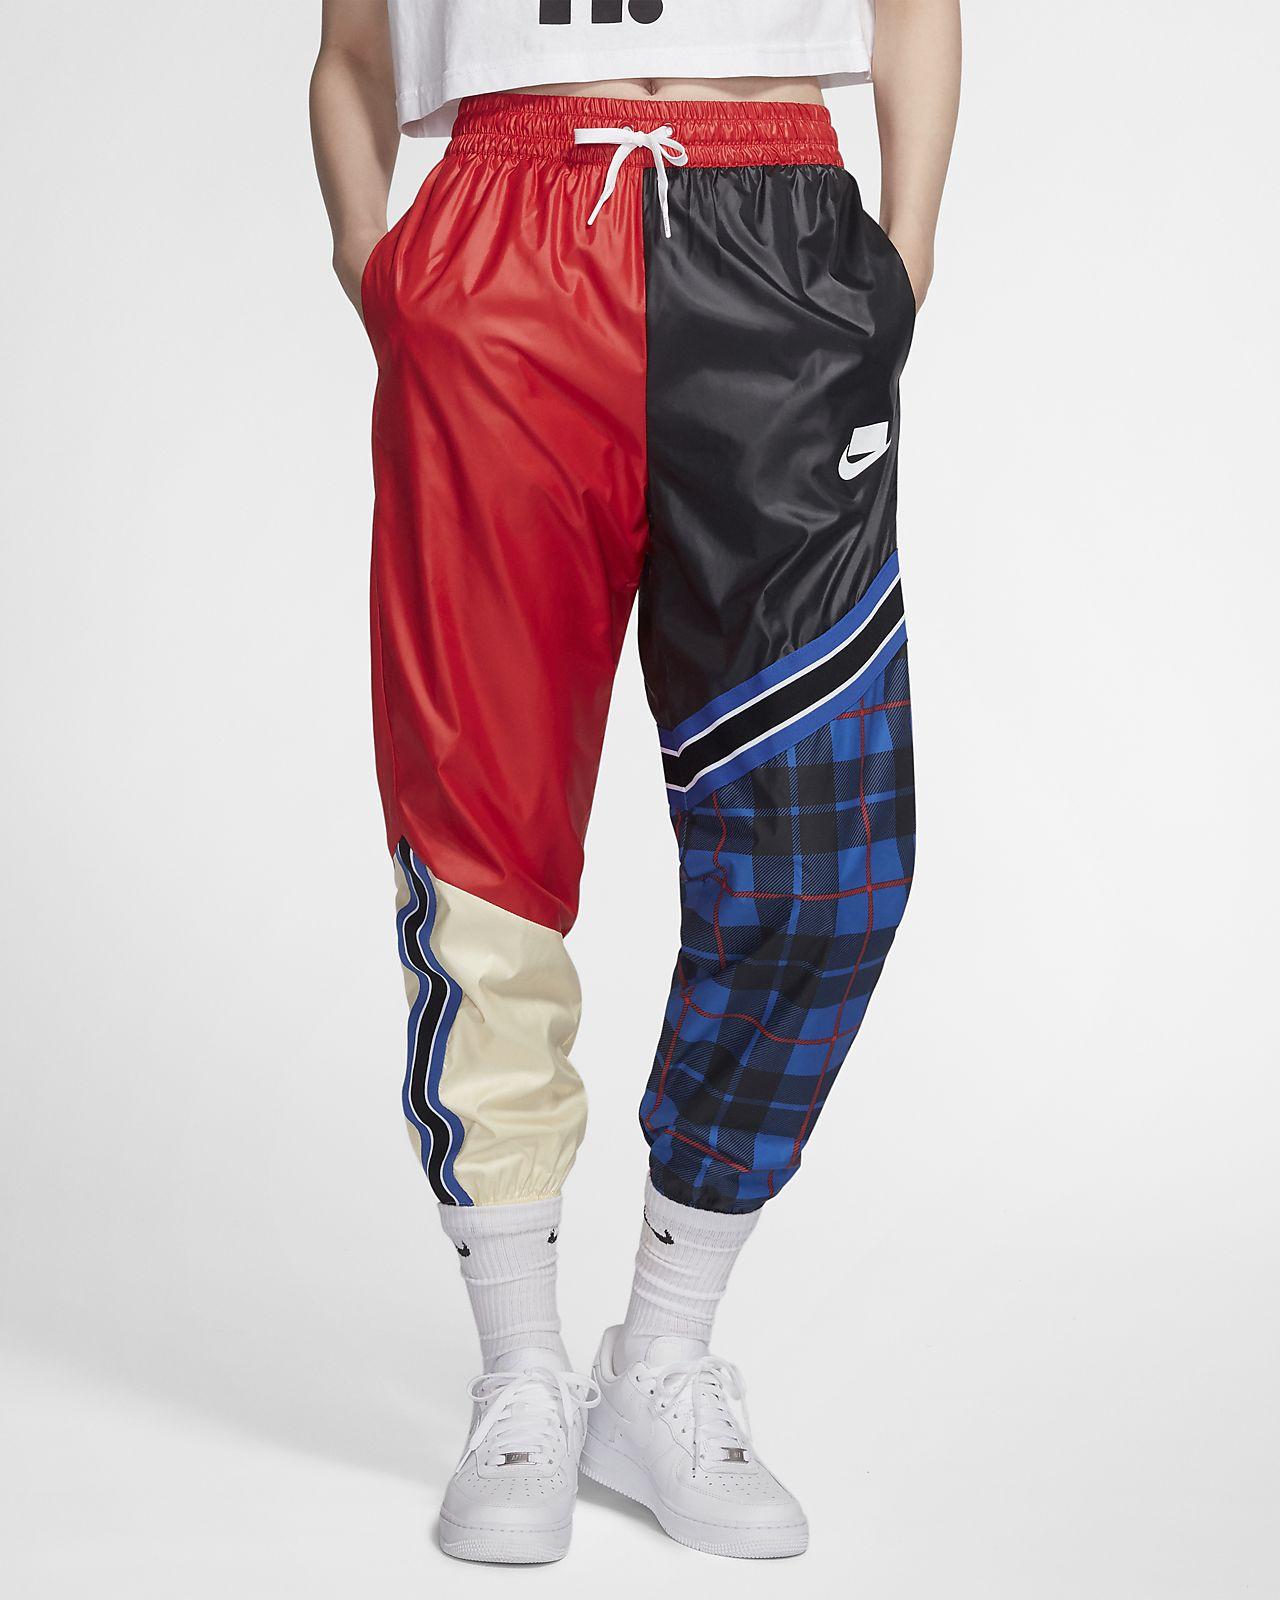 Nike Sportswear NSW 女子梭织长裤